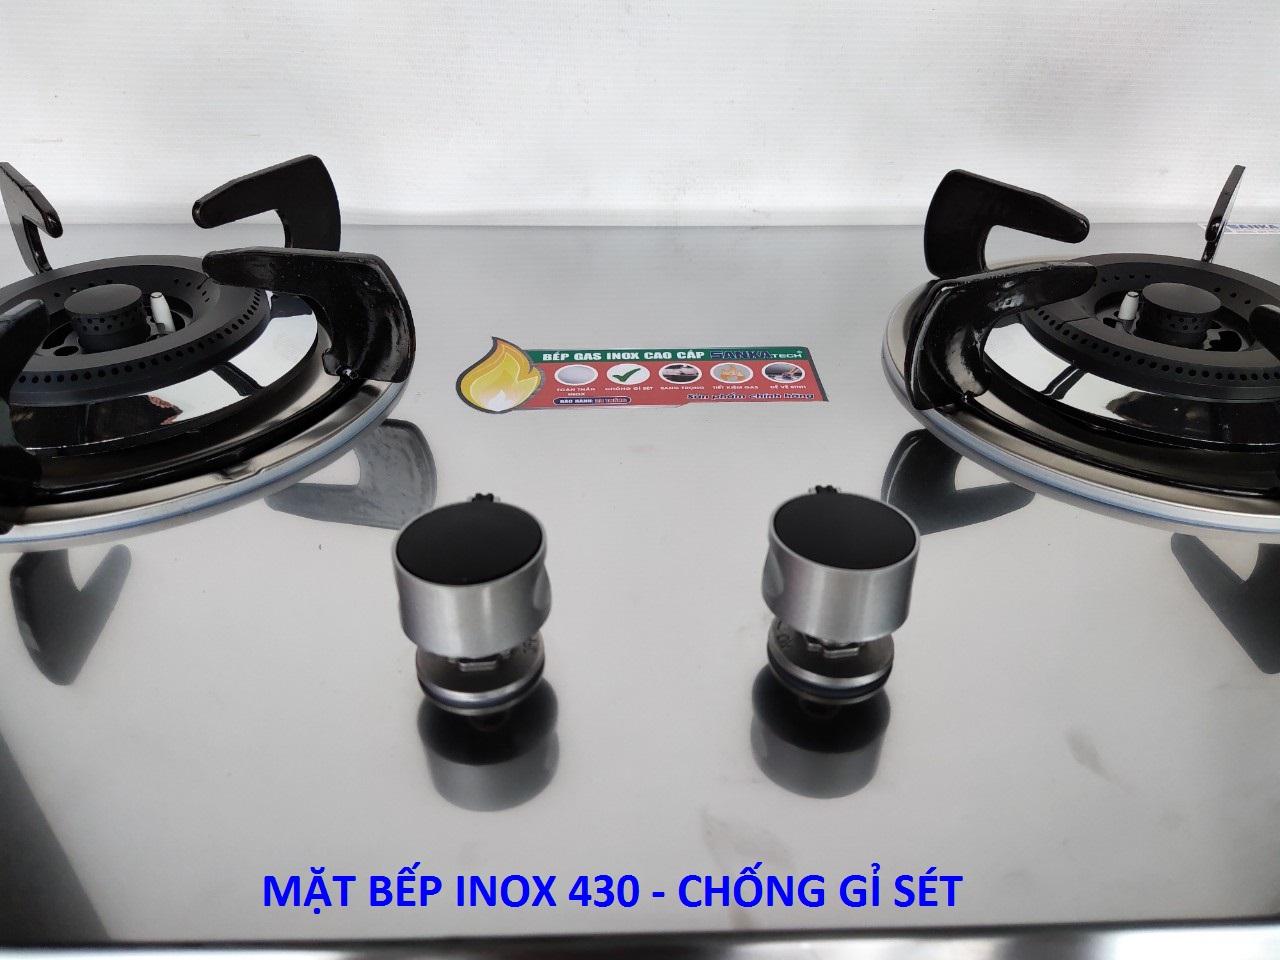 Bếp gas âm mặt Inox 430 SANKAtech 791IN - Bếp ga cao cấp 3 vòng lửa, có pep hâm - Hàng chính hãng cao cấp